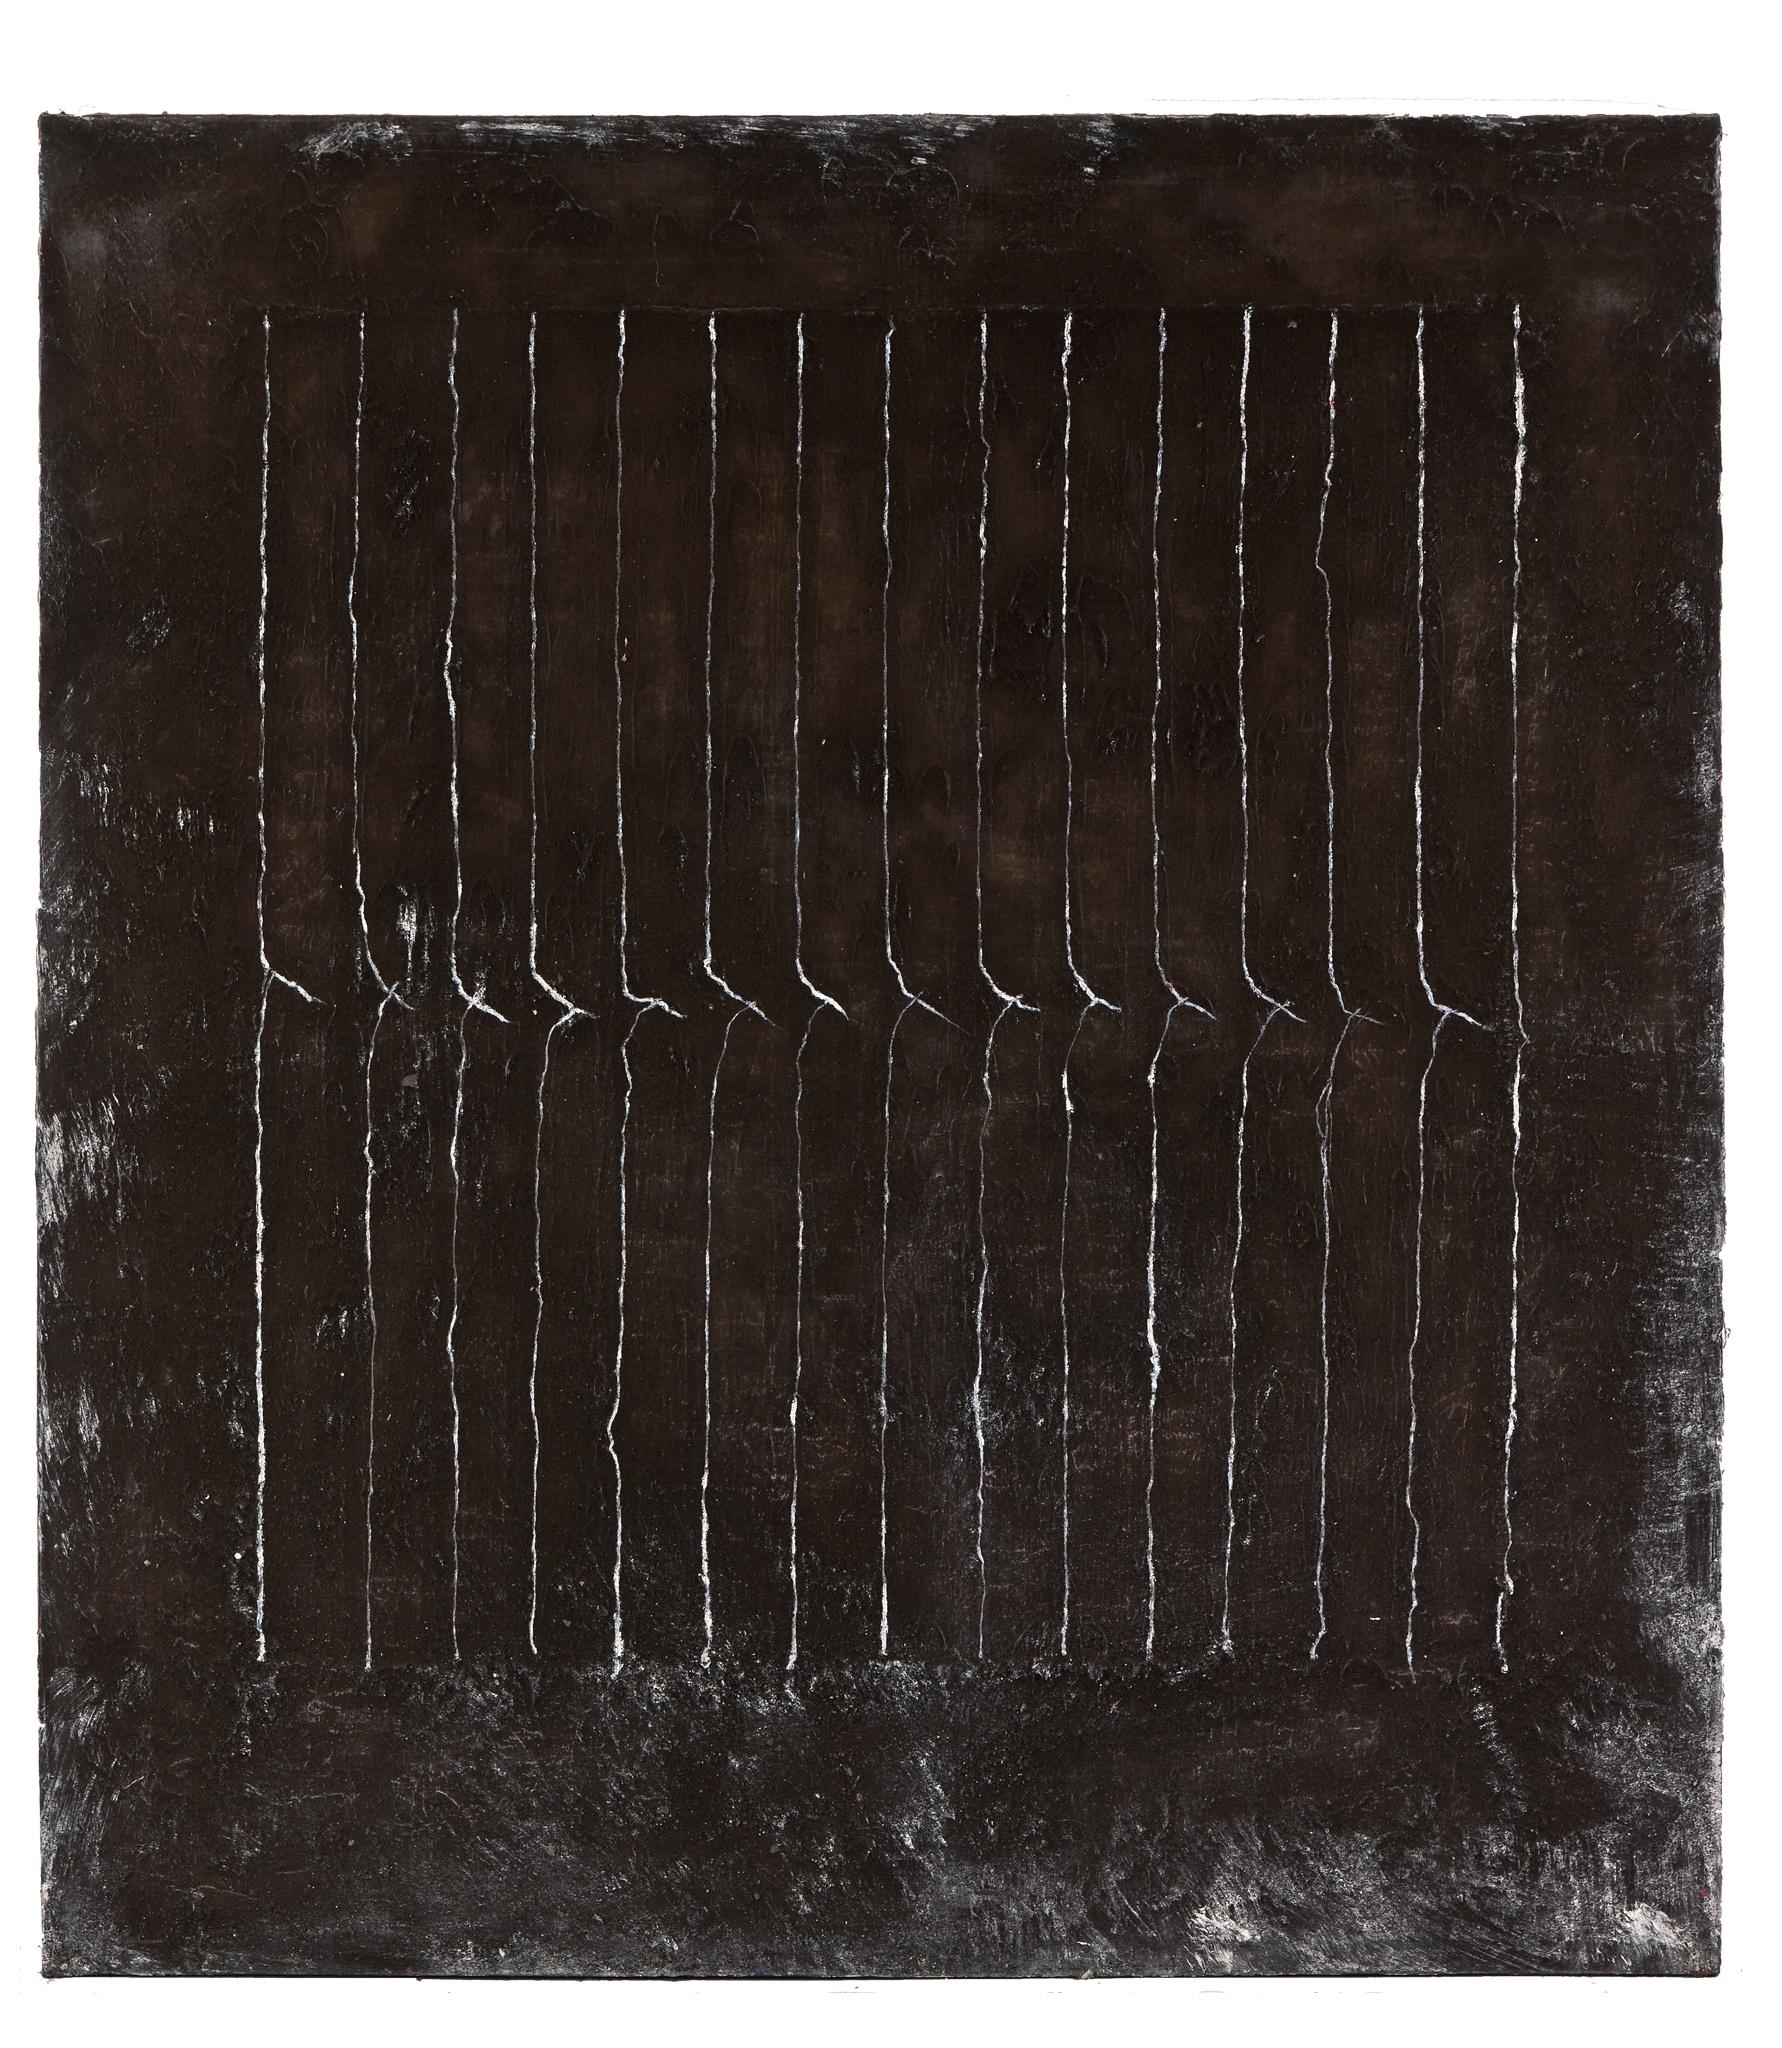 Rolf Rose, 210 x 190 cm, Öl und Graphit auf Leinwand